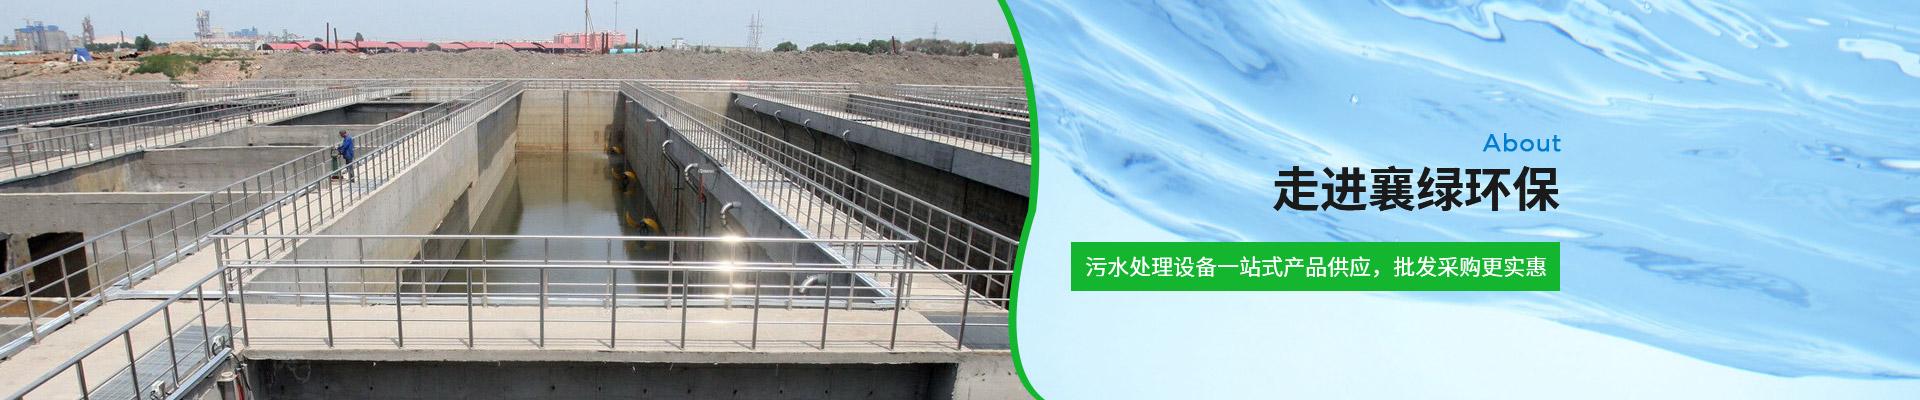 襄绿环保-污水处理设备一站式产品供应